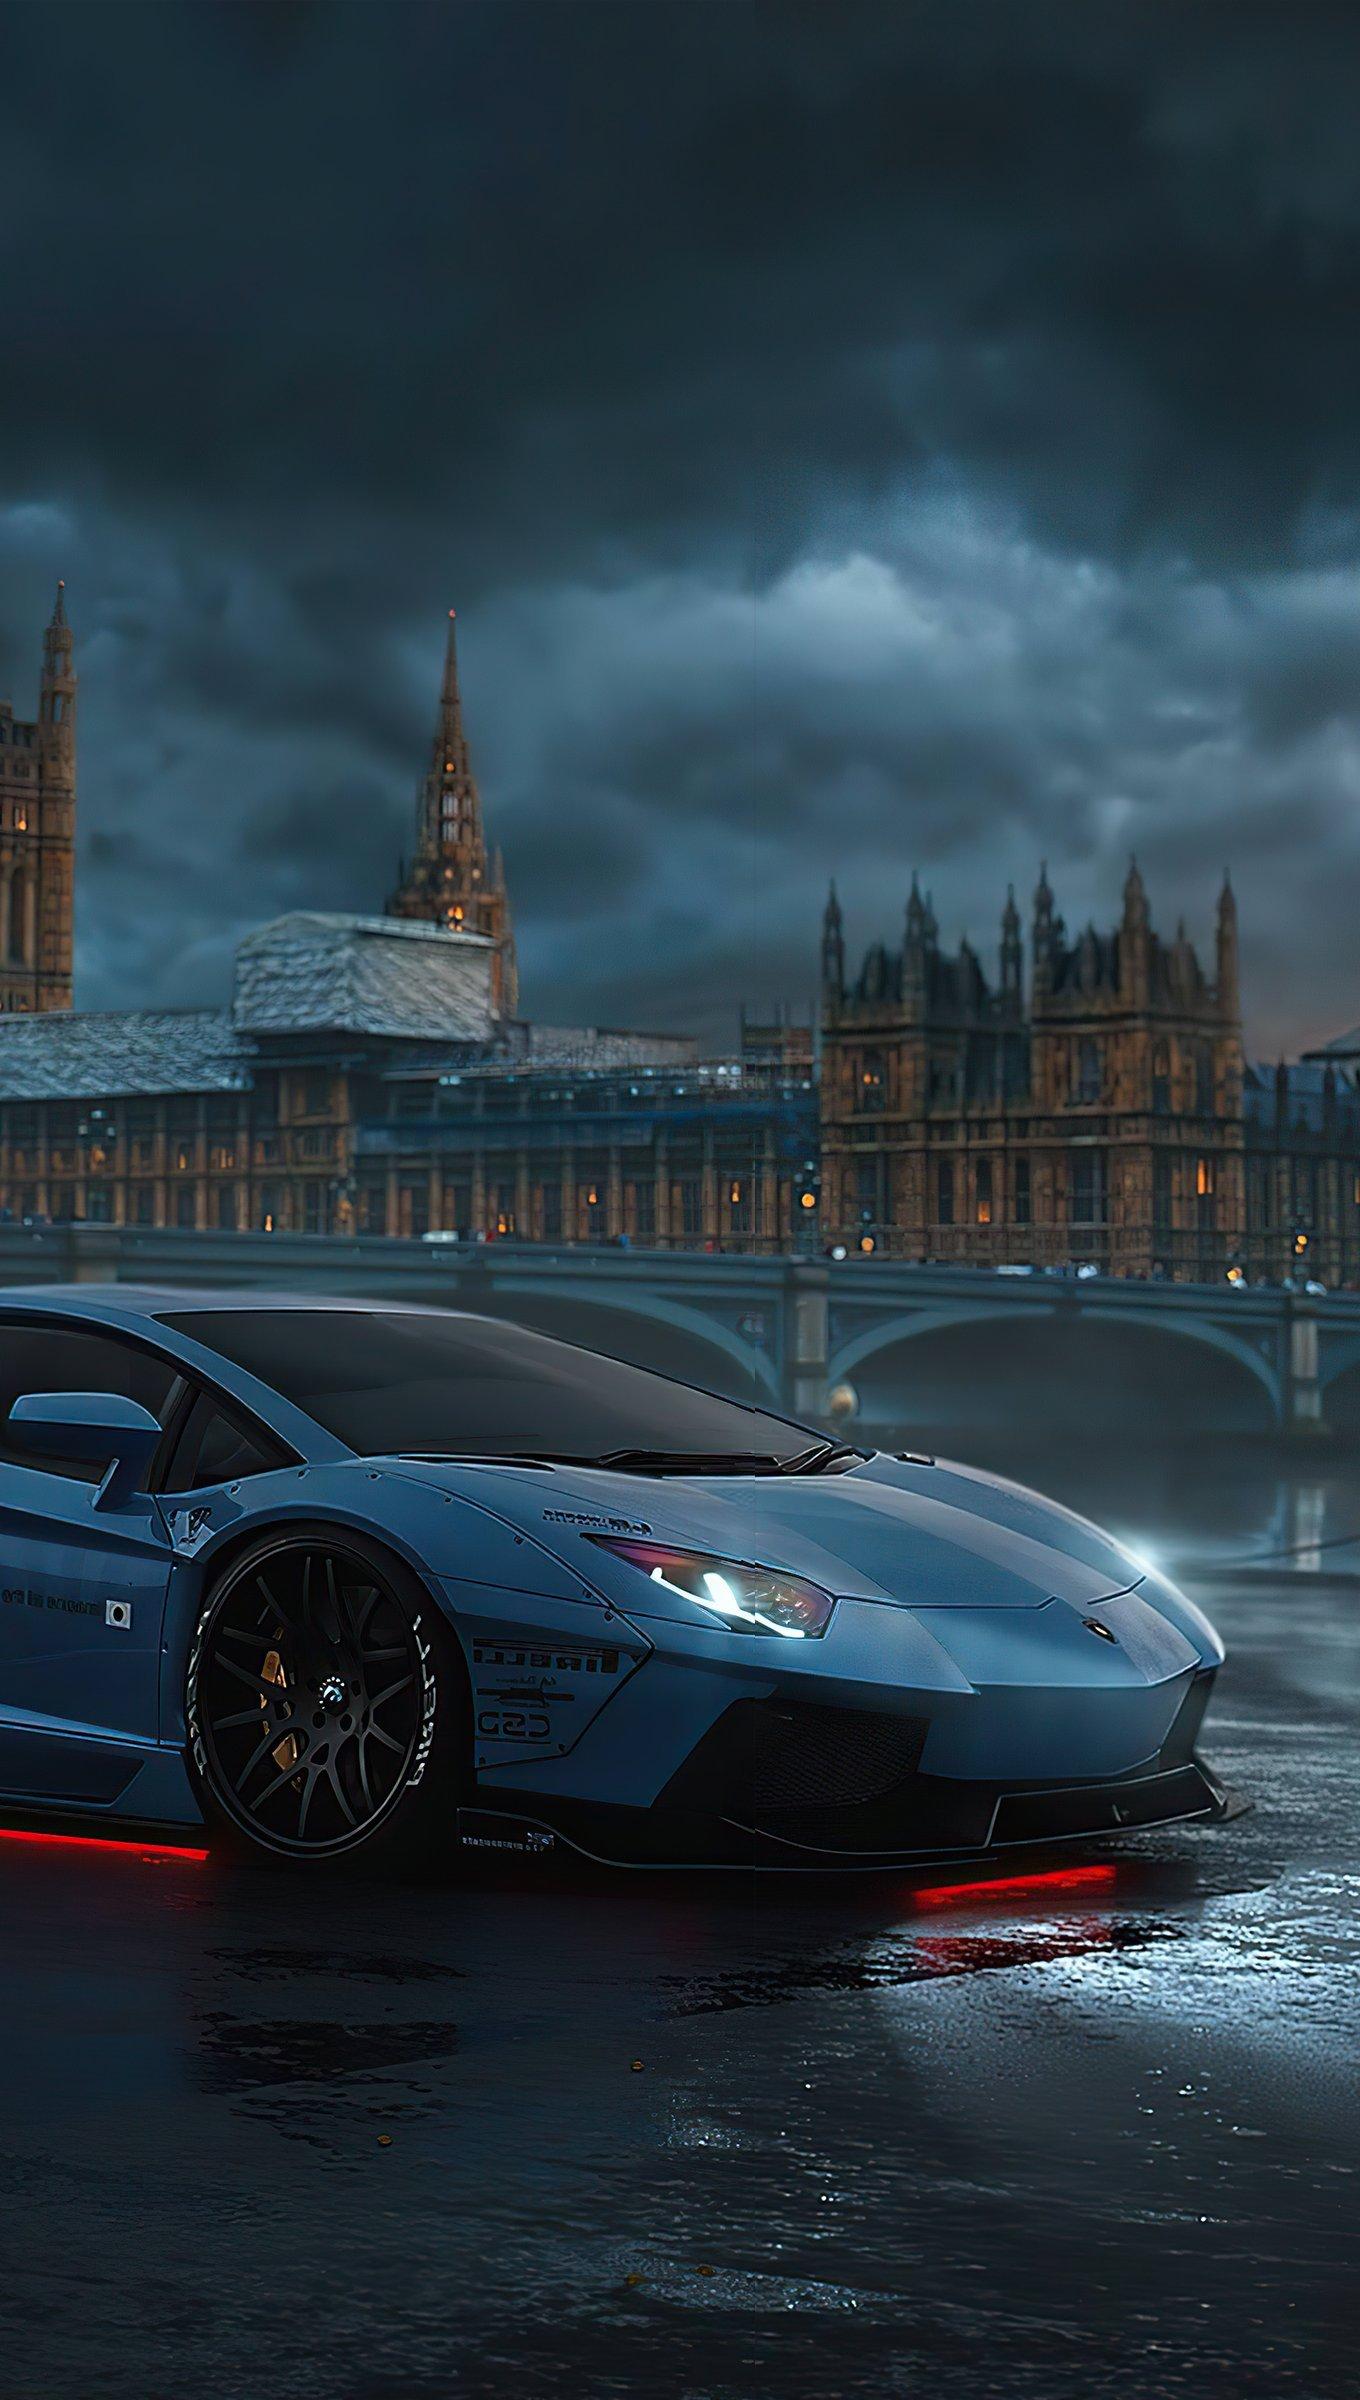 Wallpaper Lamborghini in London Vertical